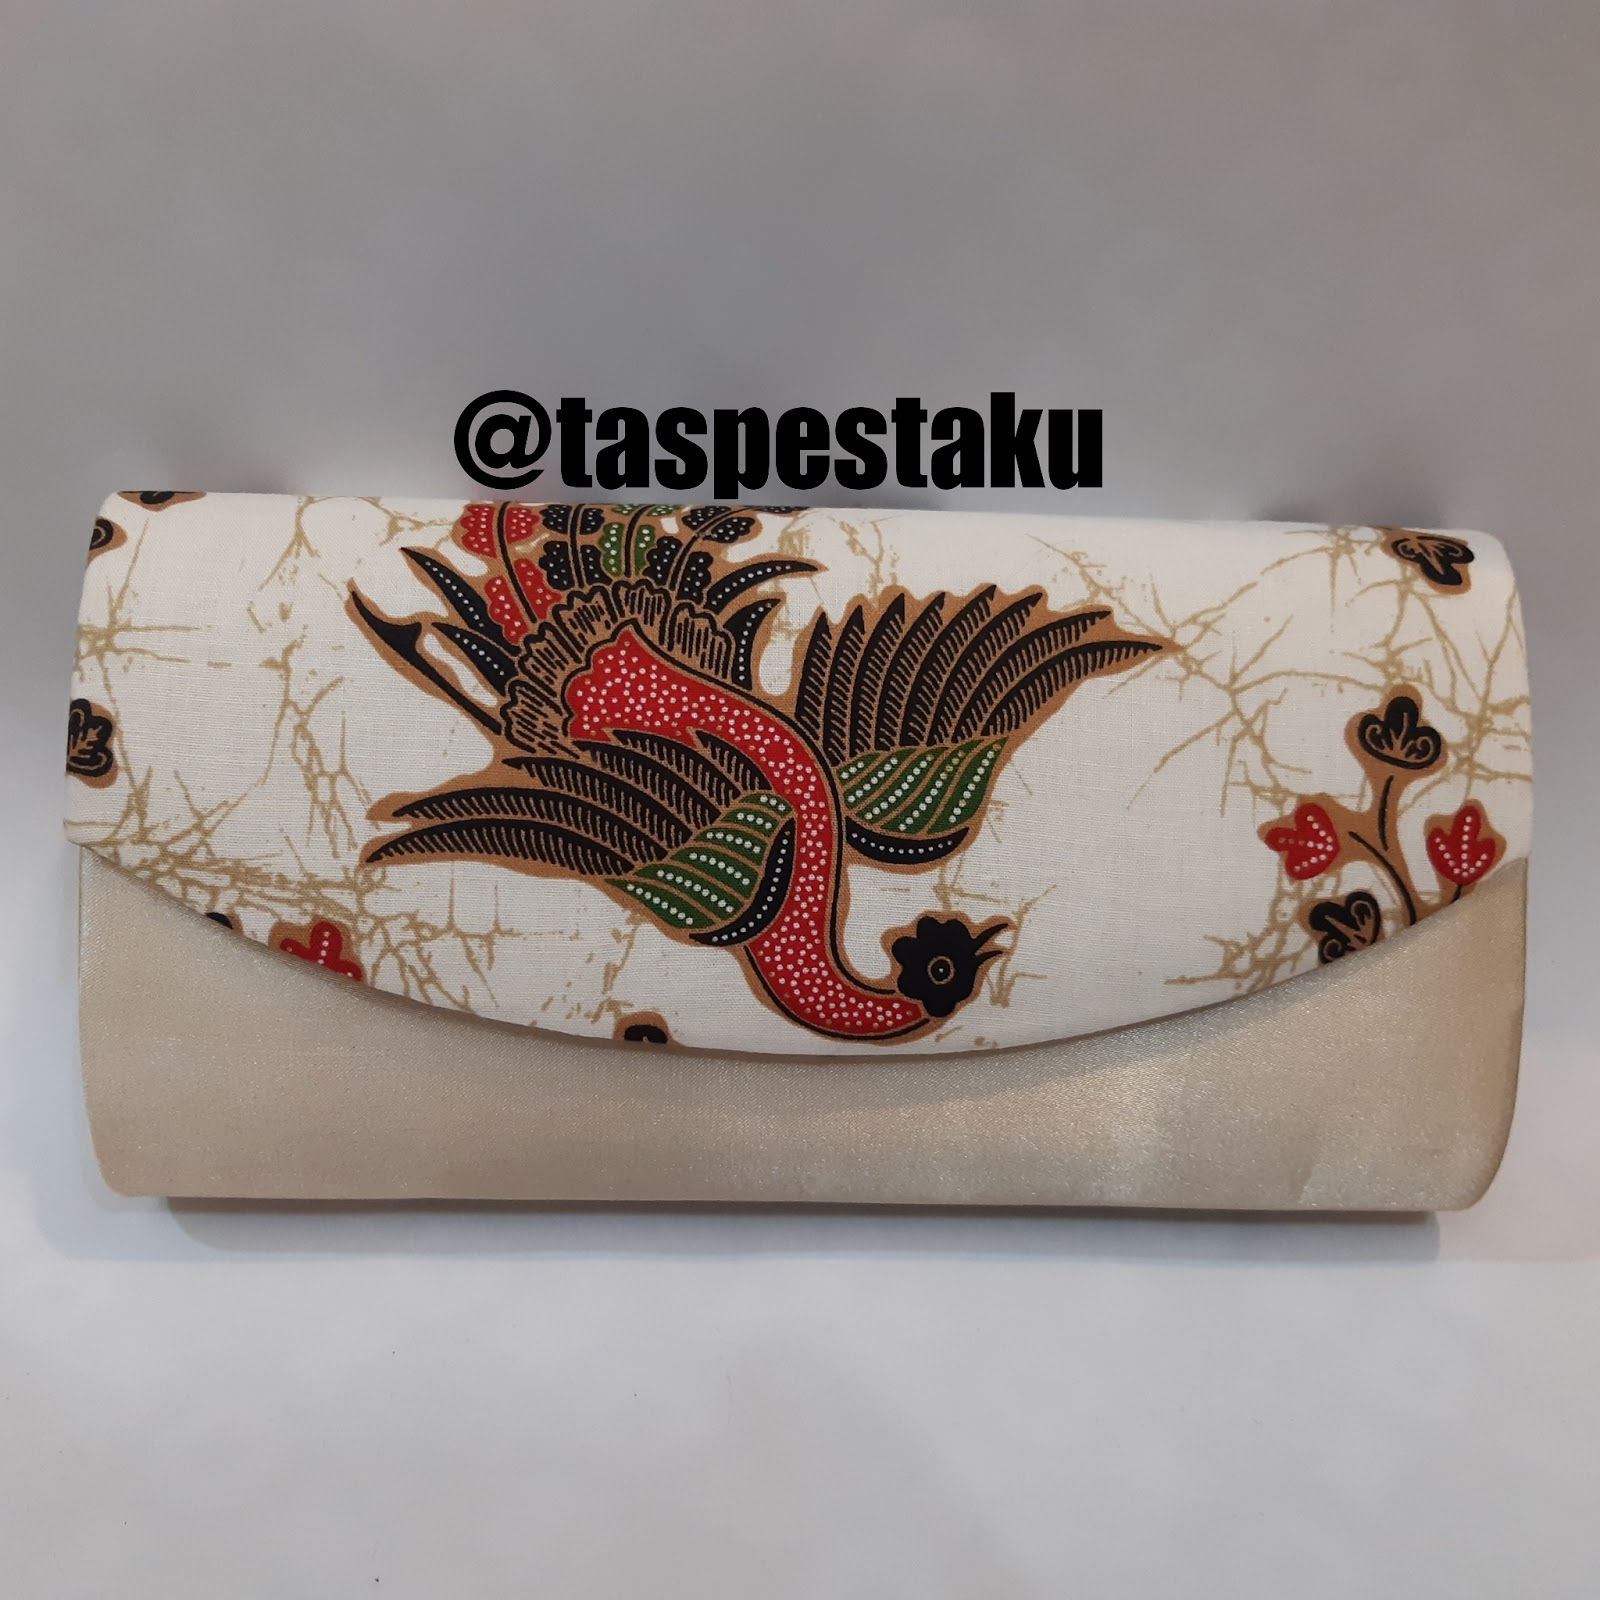 Tas Pesta - Clutch Bag  taspestaku  Koleksi Tas Pesta Clutch Bag ... 5d3f07ee98